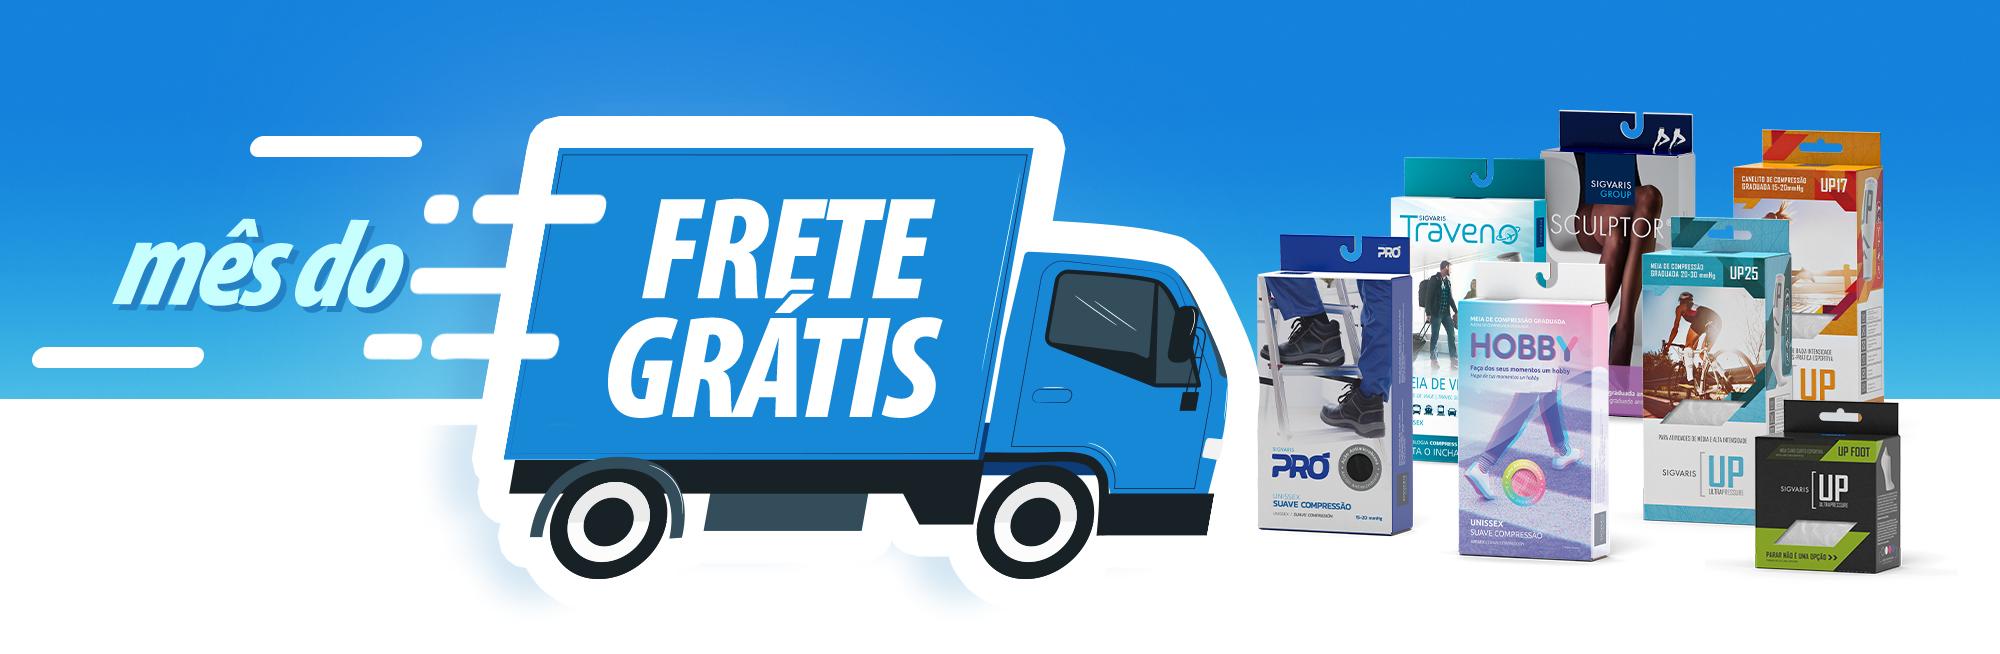 Campanha_Outubro_Frete_Grátis